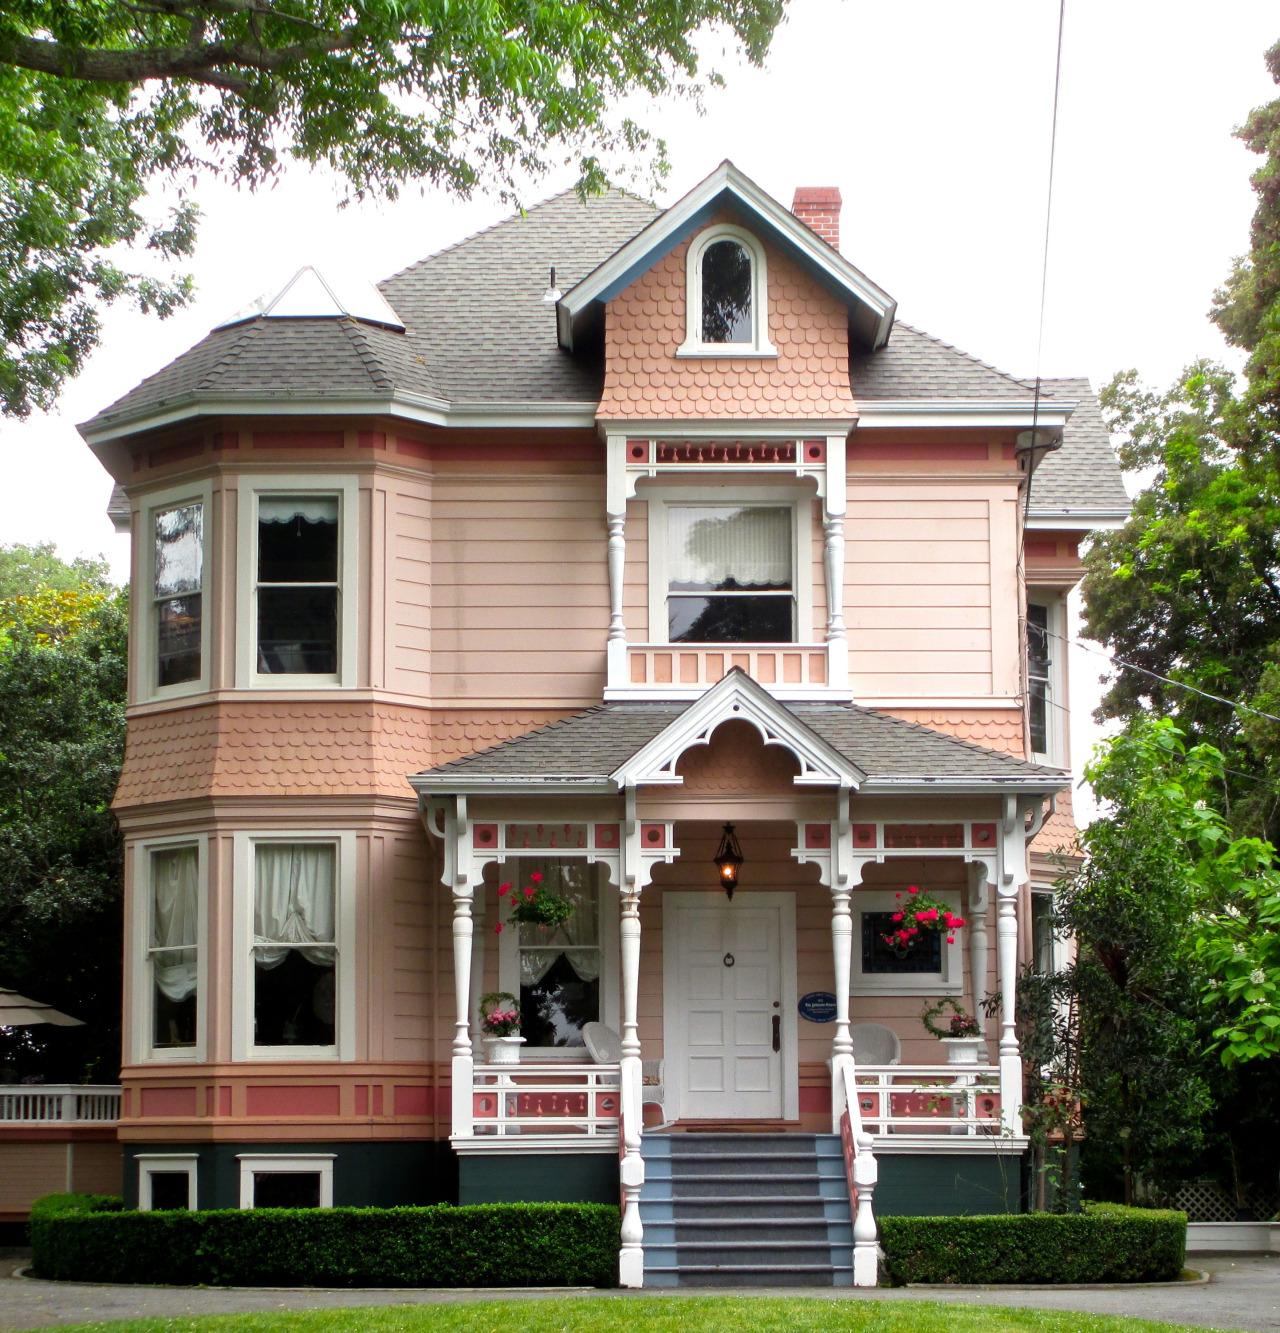 Résultats de recherche d'images pour «victorian house santa cruz»